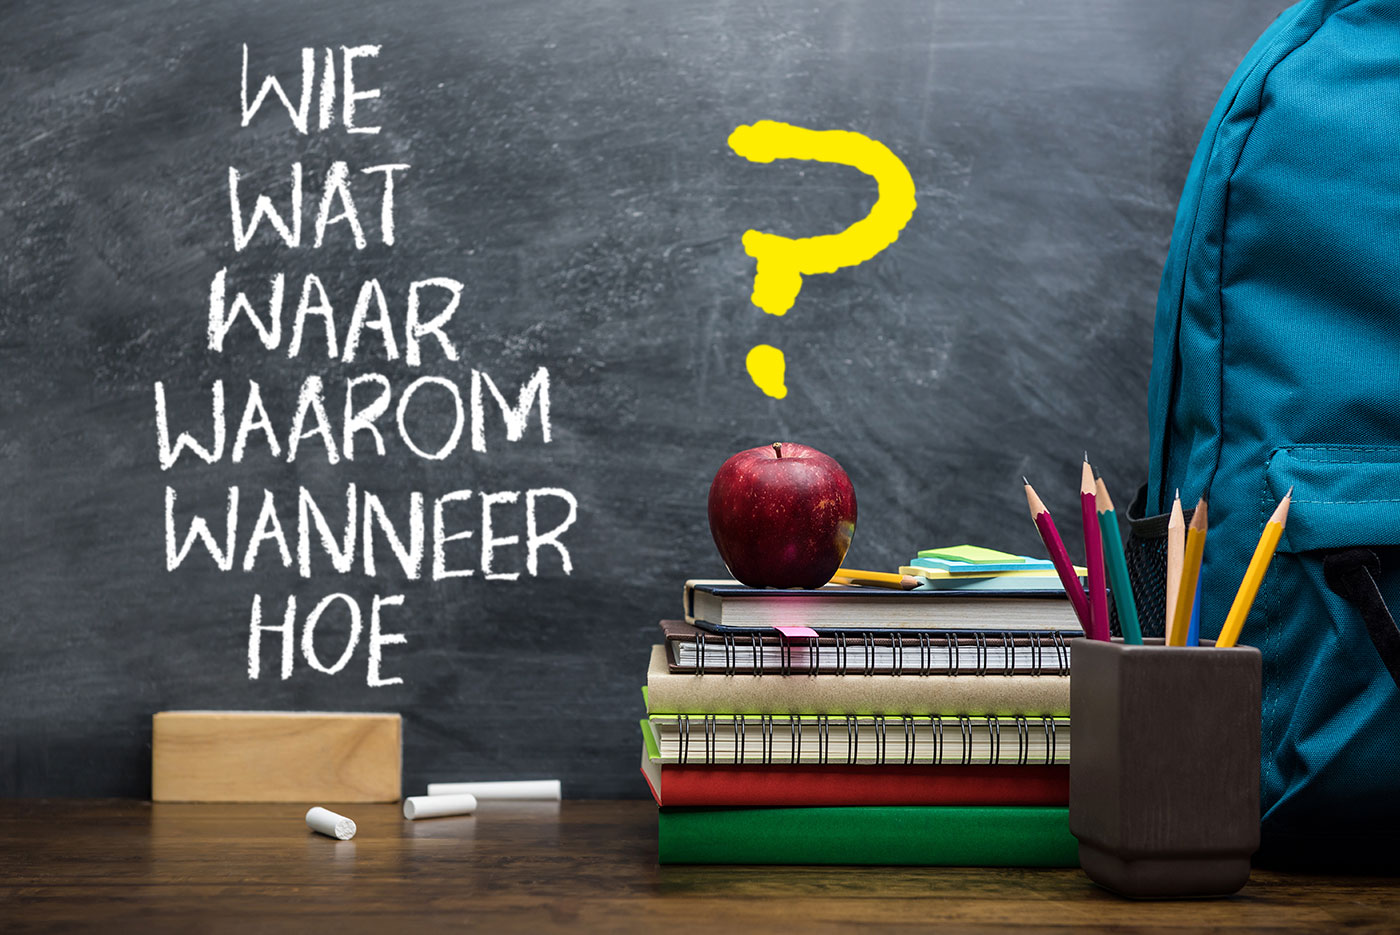 Schoolbord met daarop geschreven de woorden 'wie wat waar waarom wanneer hoe?' en met op de voorgrond een appel, een wisser, een schooltas een aantal schriften of boeken en een bakje met een aantal potloden.